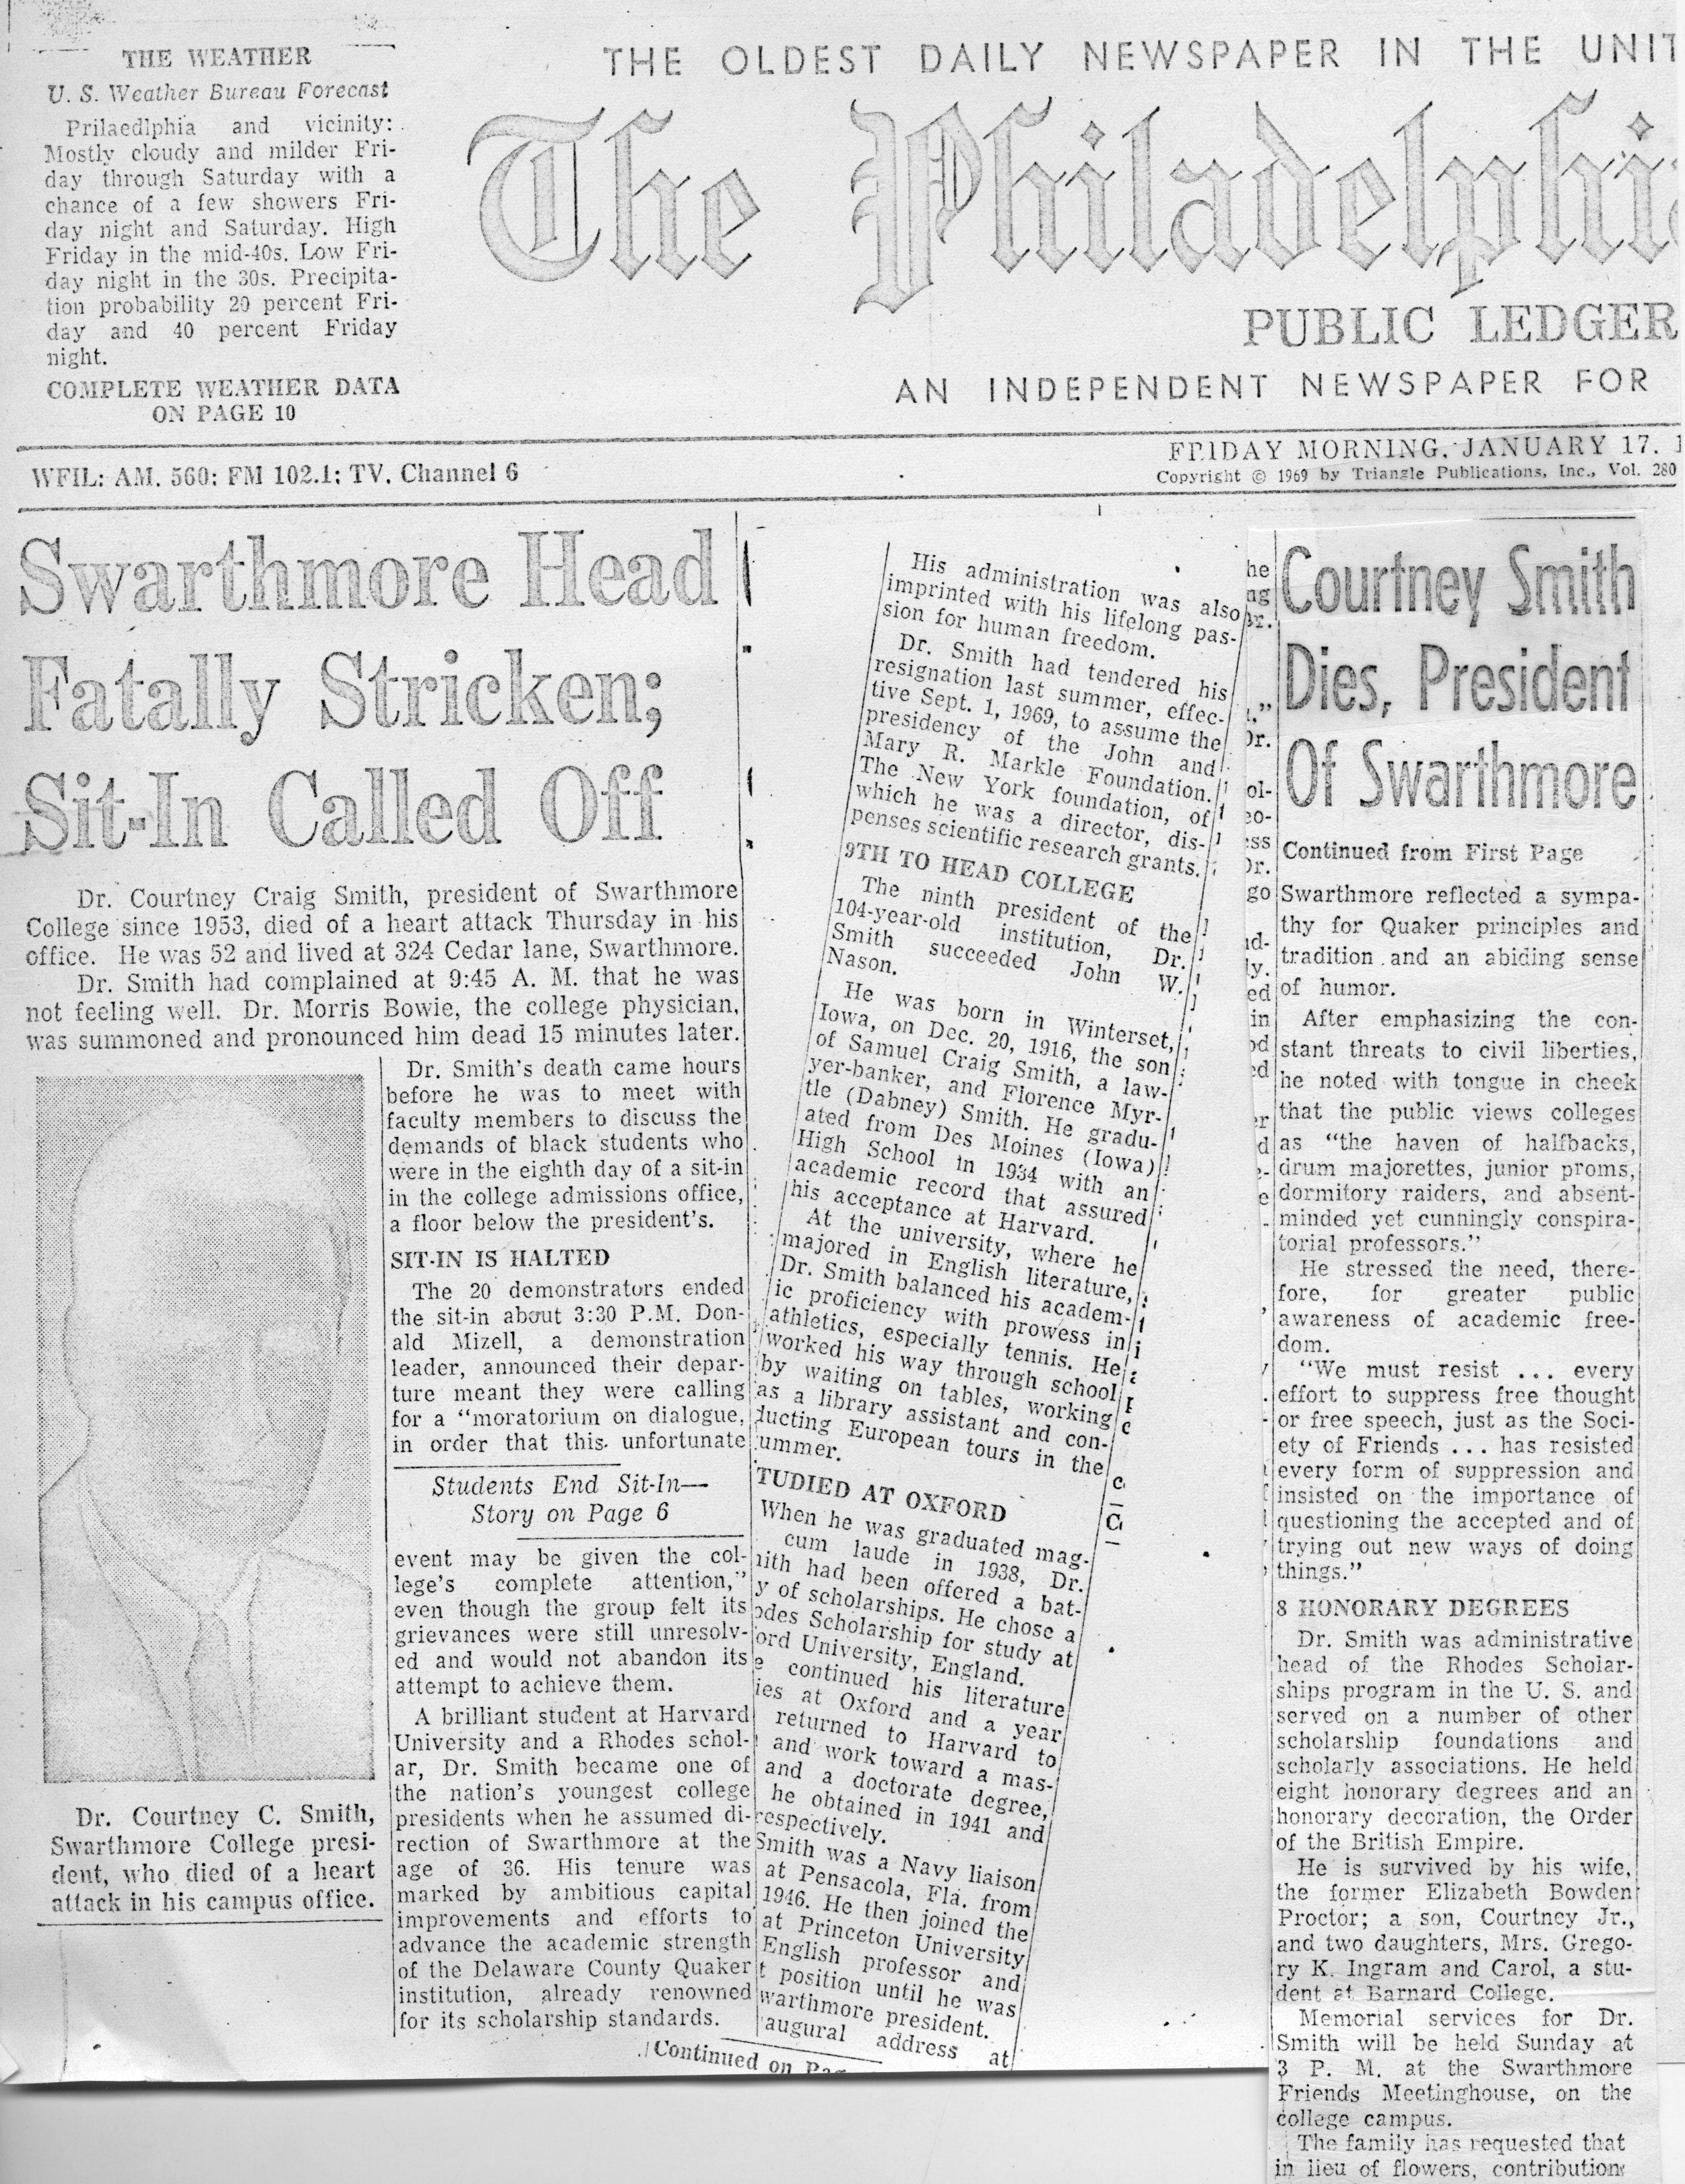 Swarthmore Head Fatally Stricken